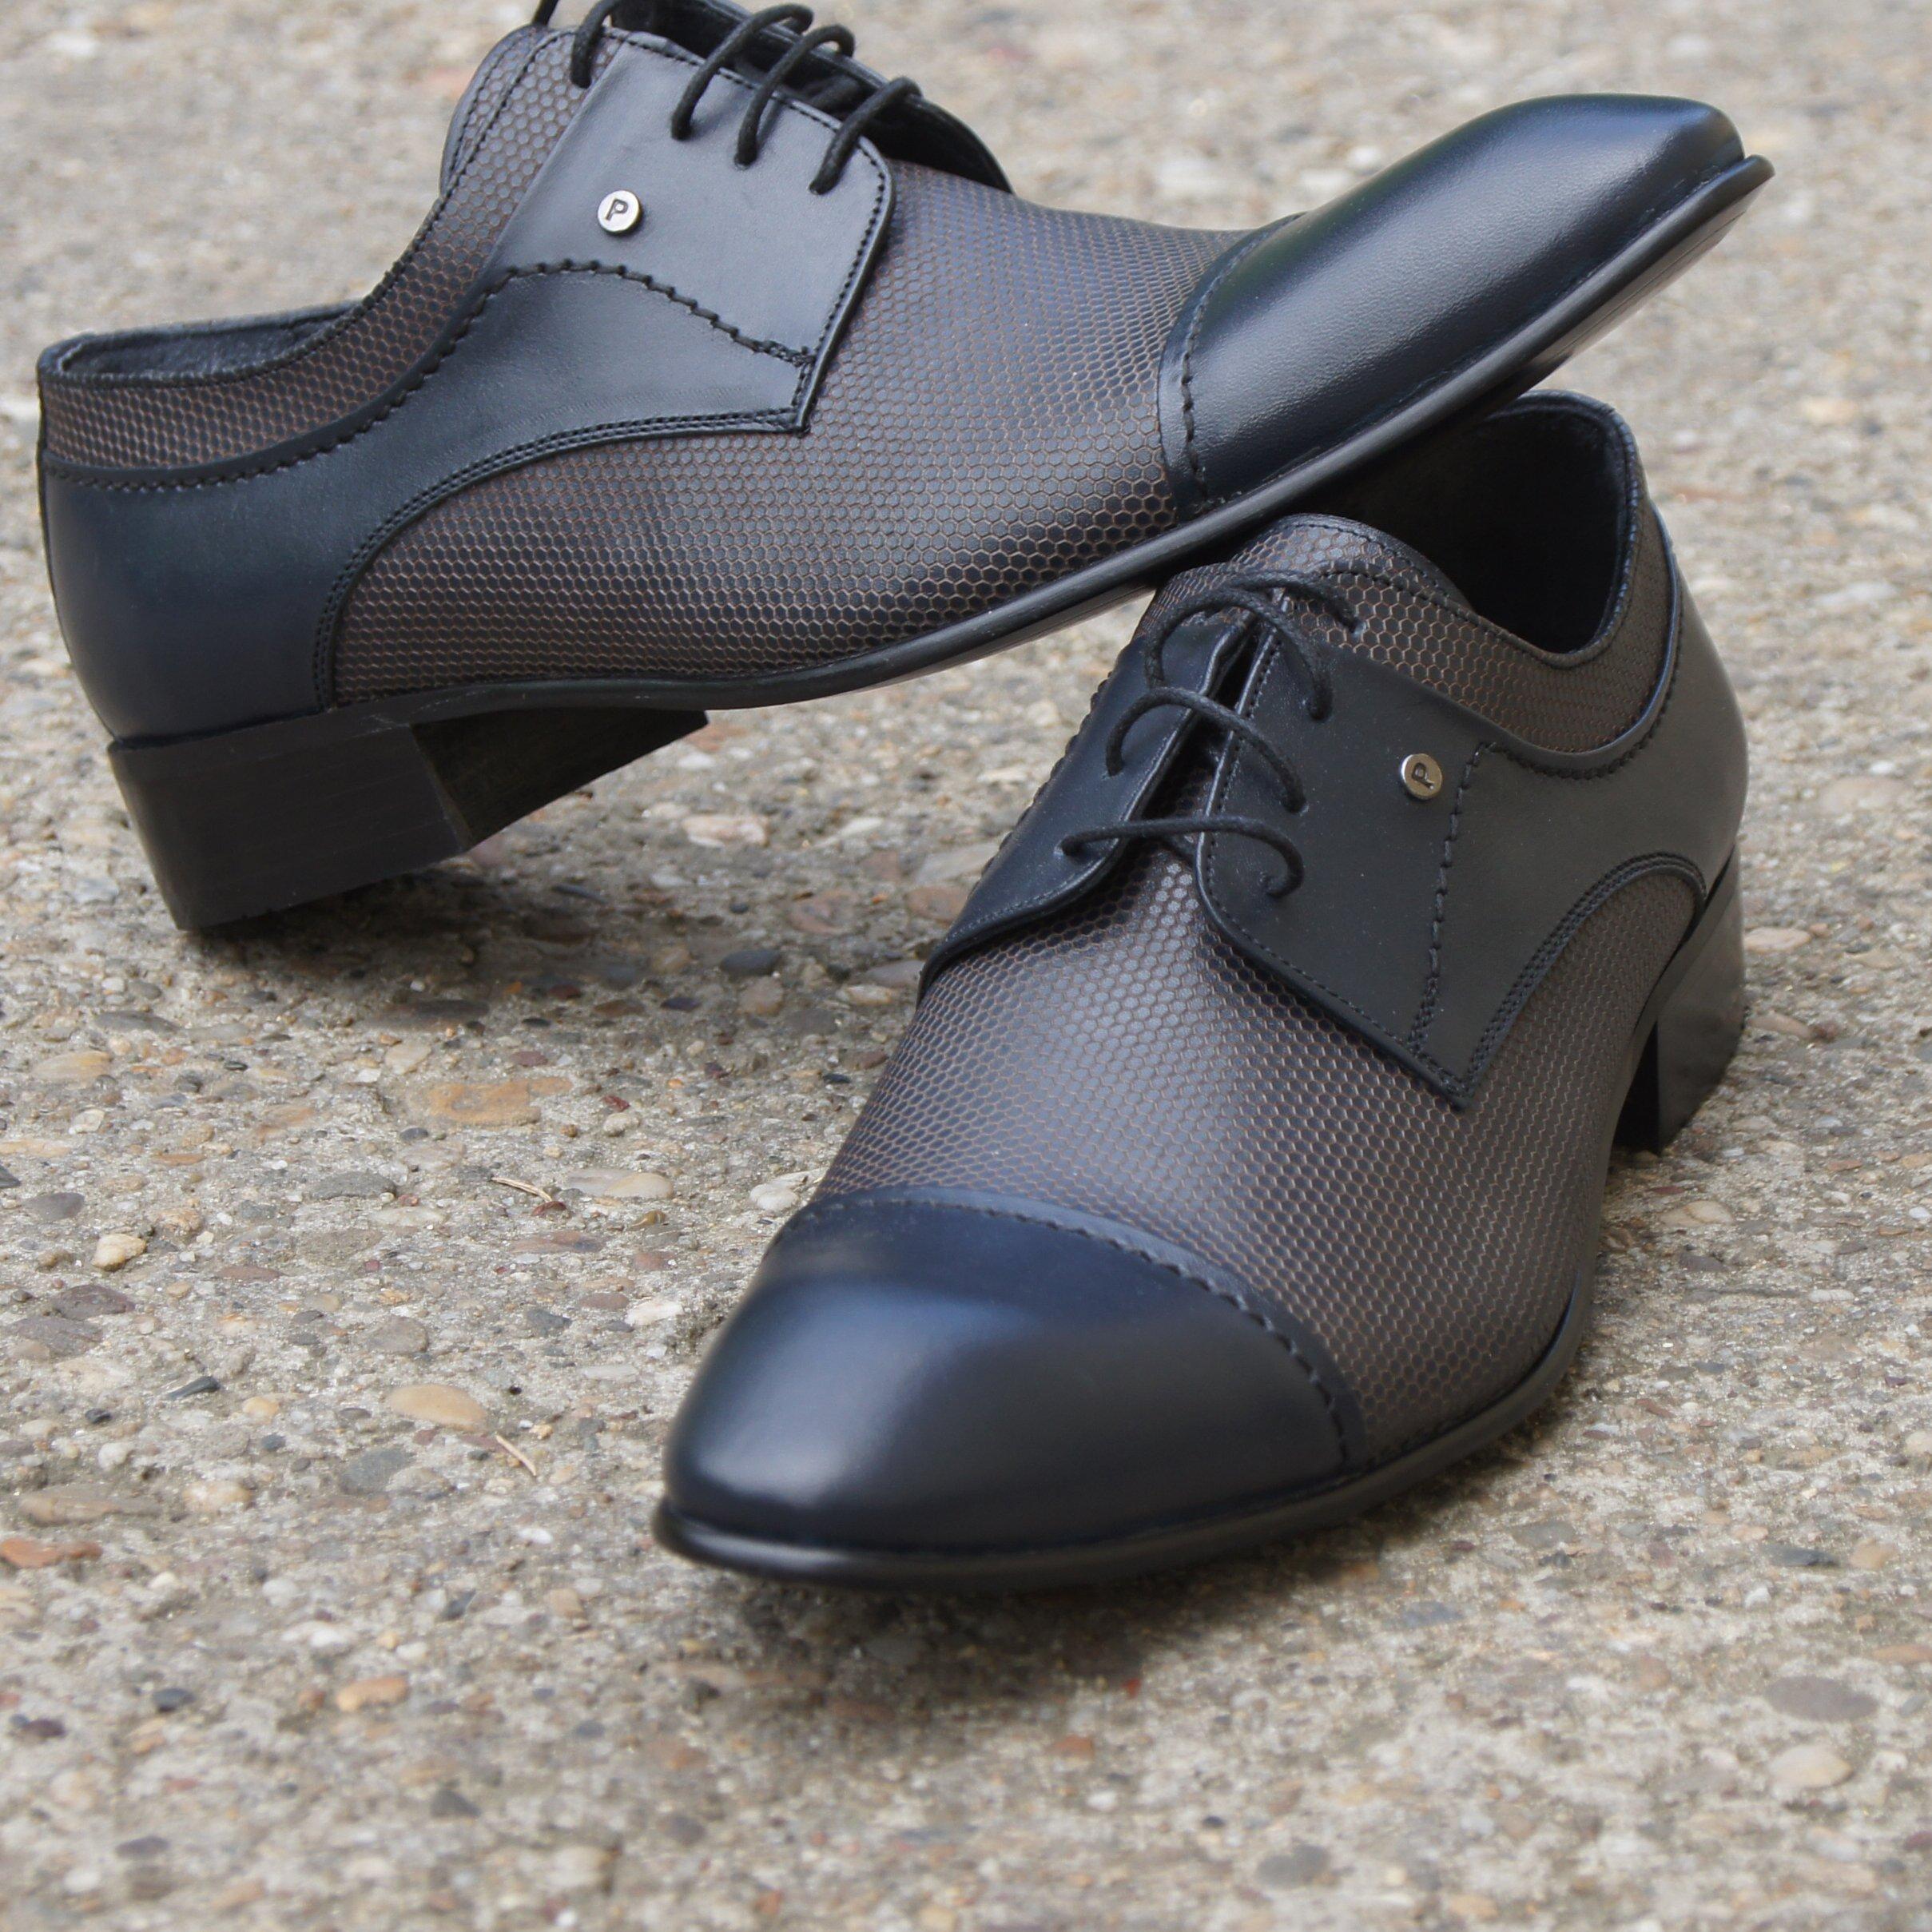 muske teget cipele- MUSKE CIPELE, muske cipele, teget cipele za odelo